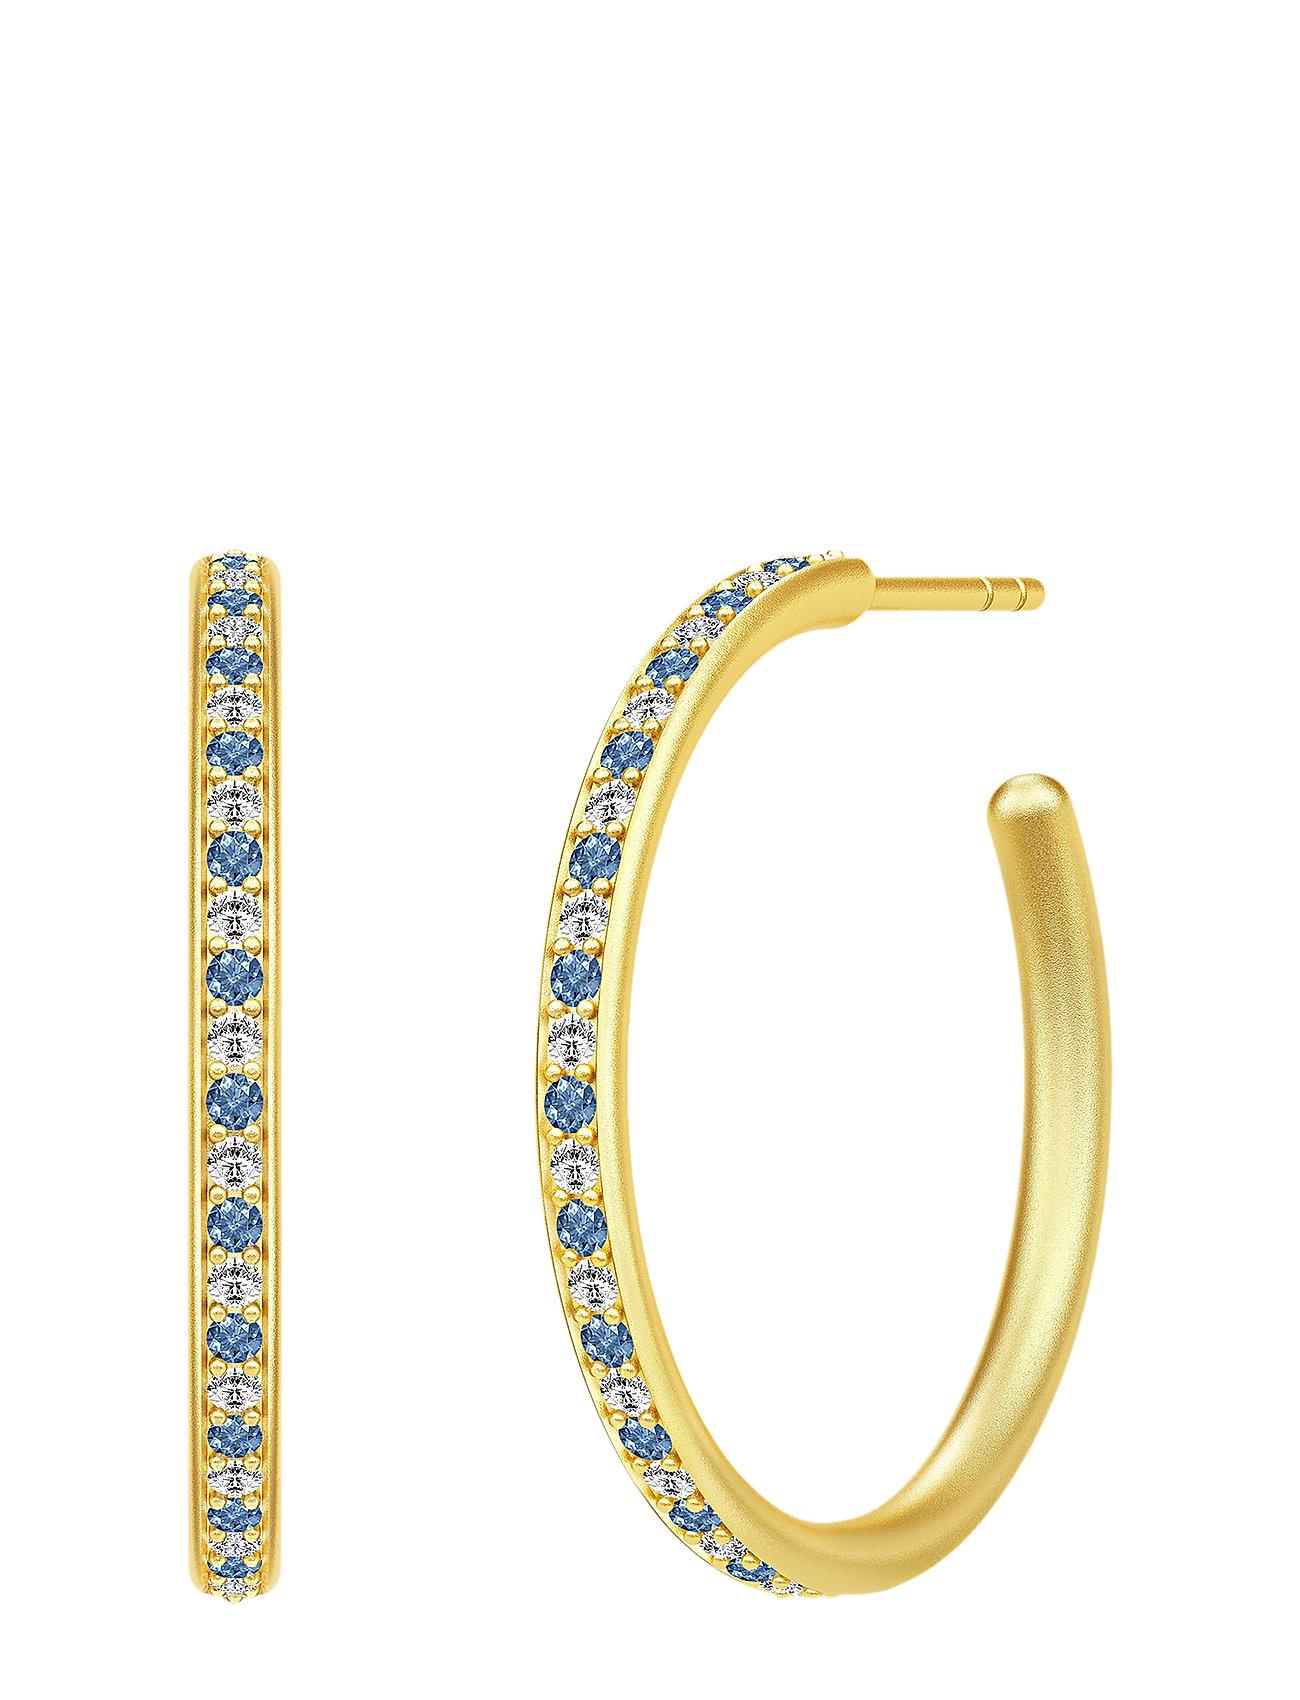 Image of Infinity Medium Hoops - Gold/Blue Accessories Jewellery Earrings Hoops Guld Julie Sandlau (3286392069)